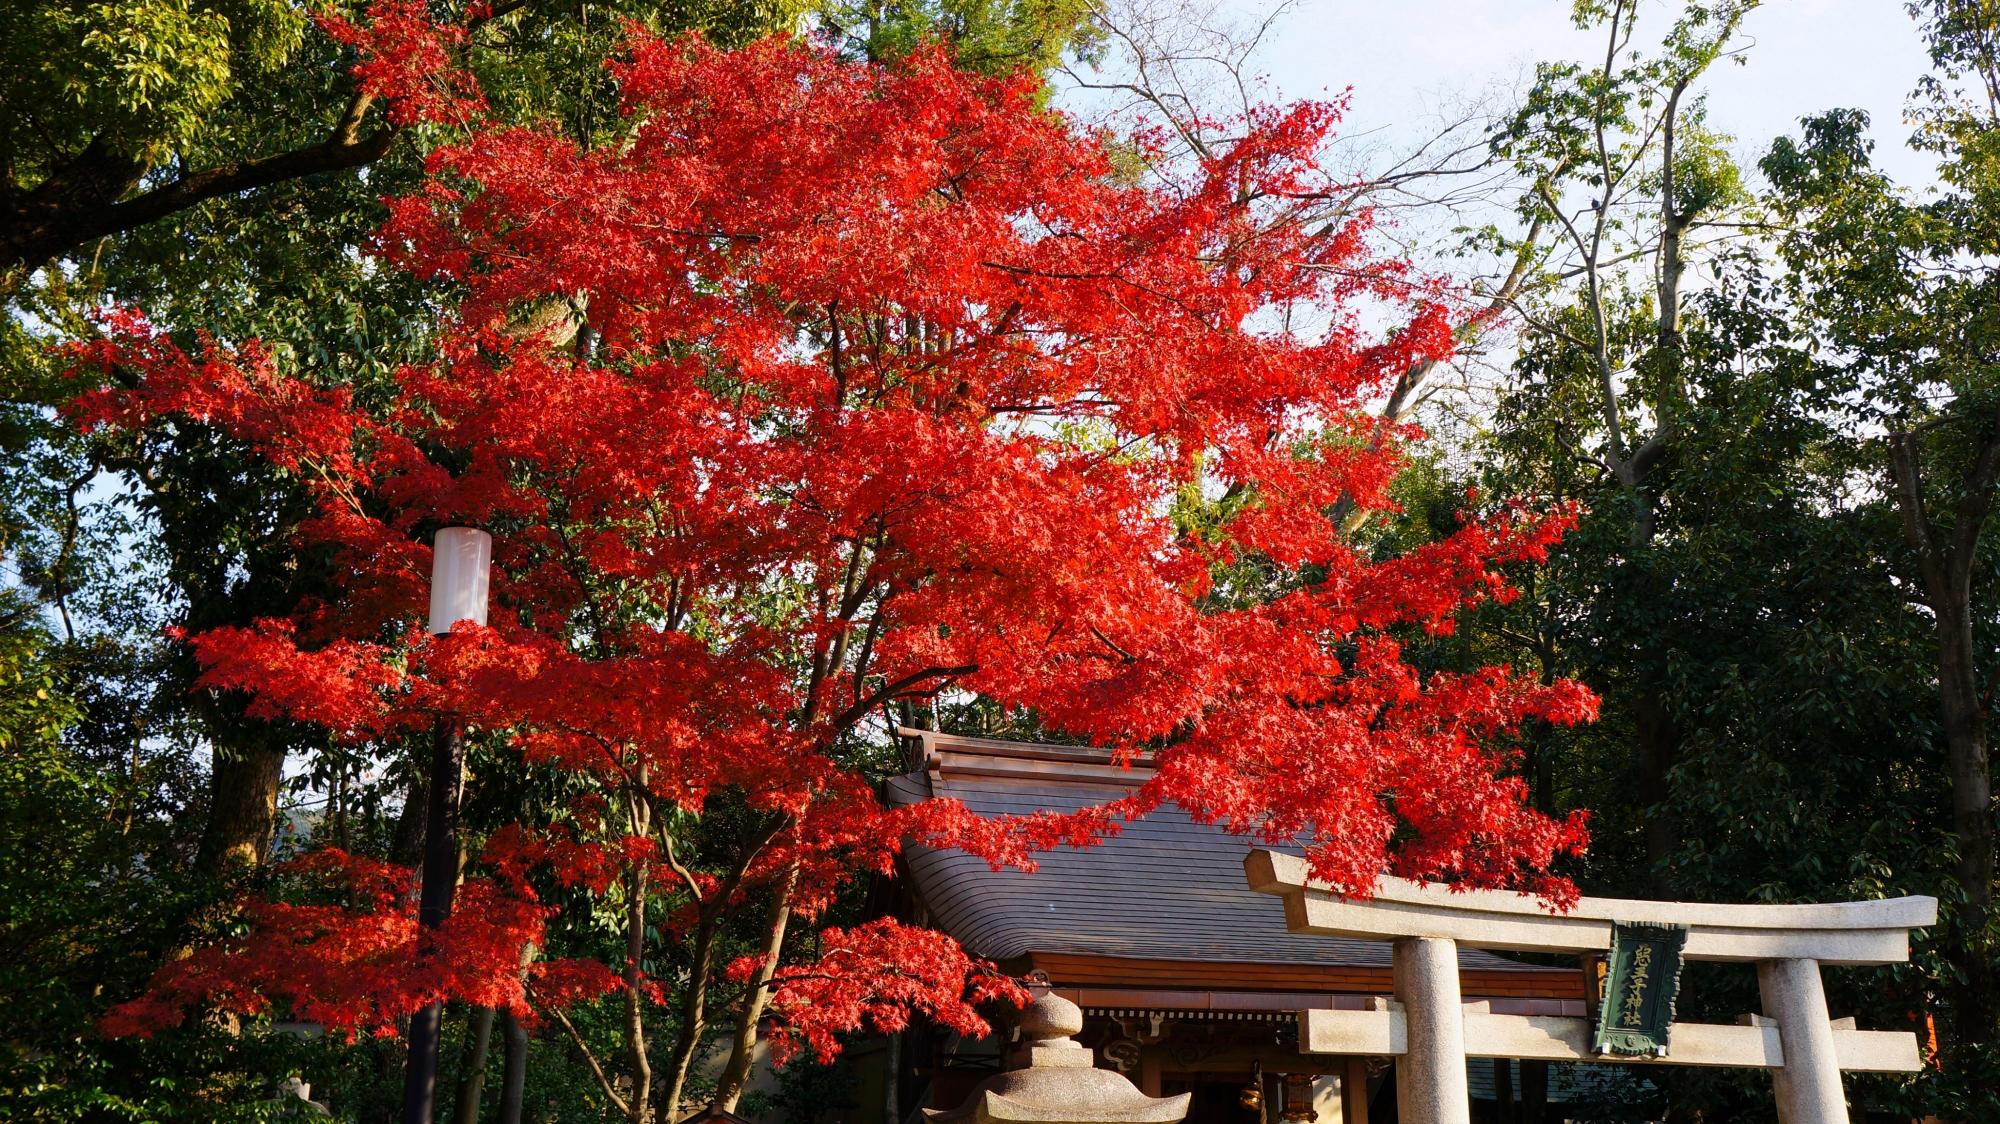 悪王子社の燃えるような鮮烈な紅葉